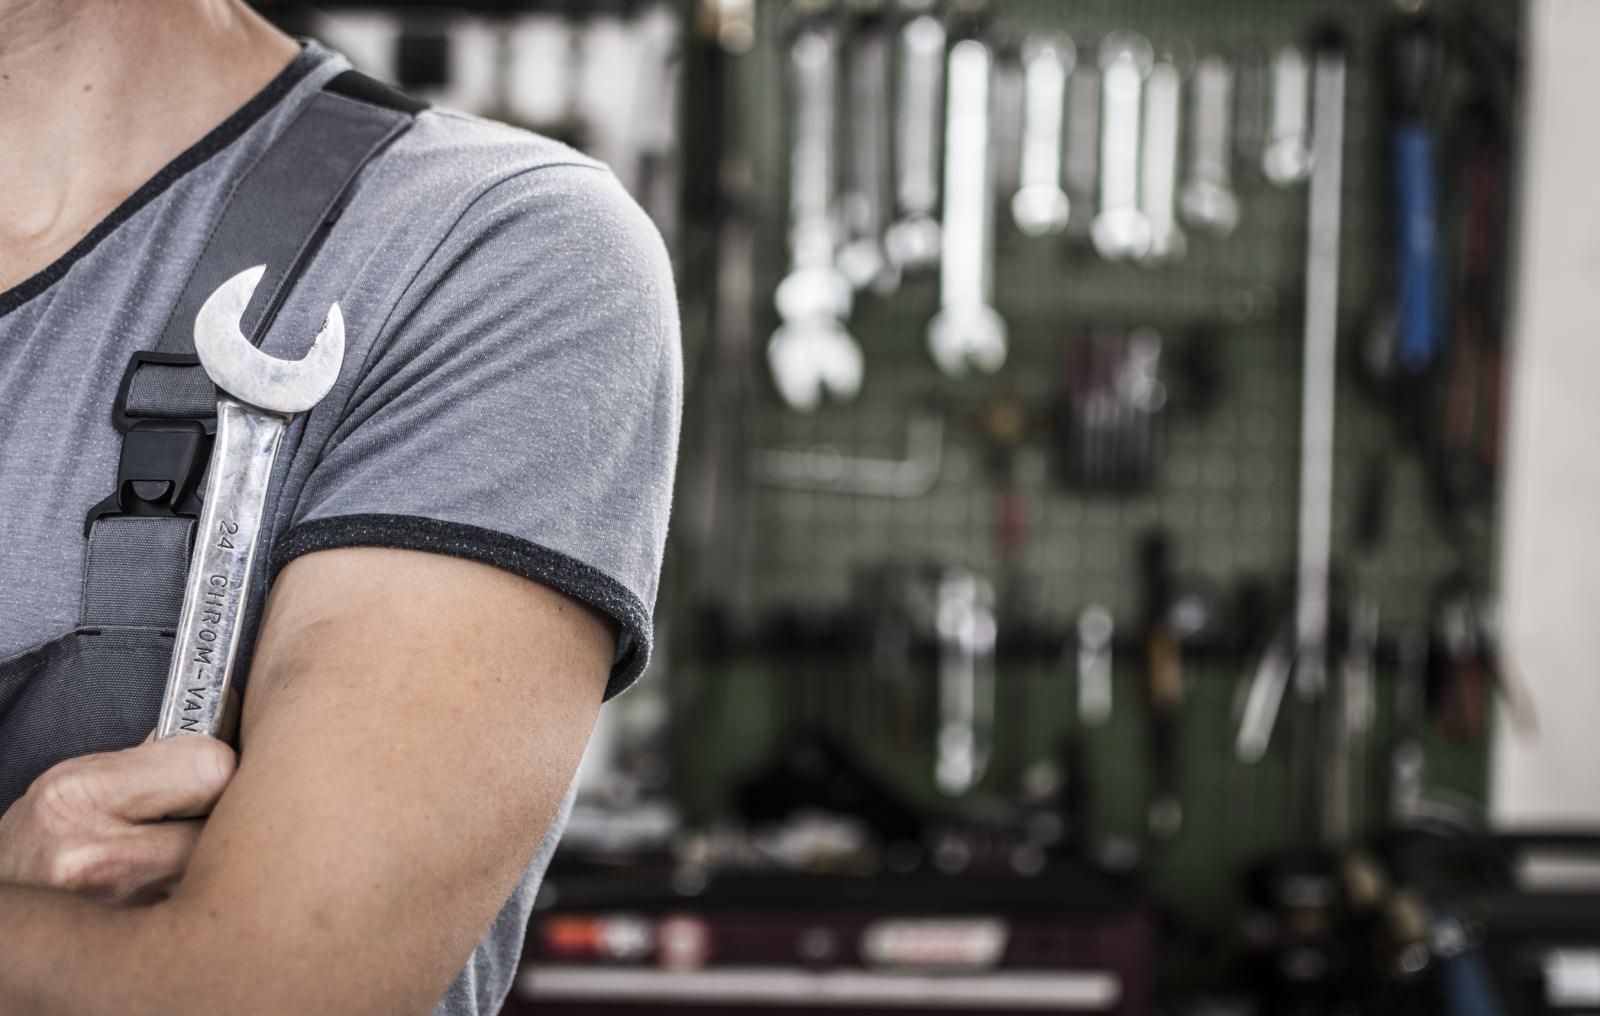 Stadler + Schaaf - Jobangebot - Metallbauer (gn*) für Konstruktionstechnik